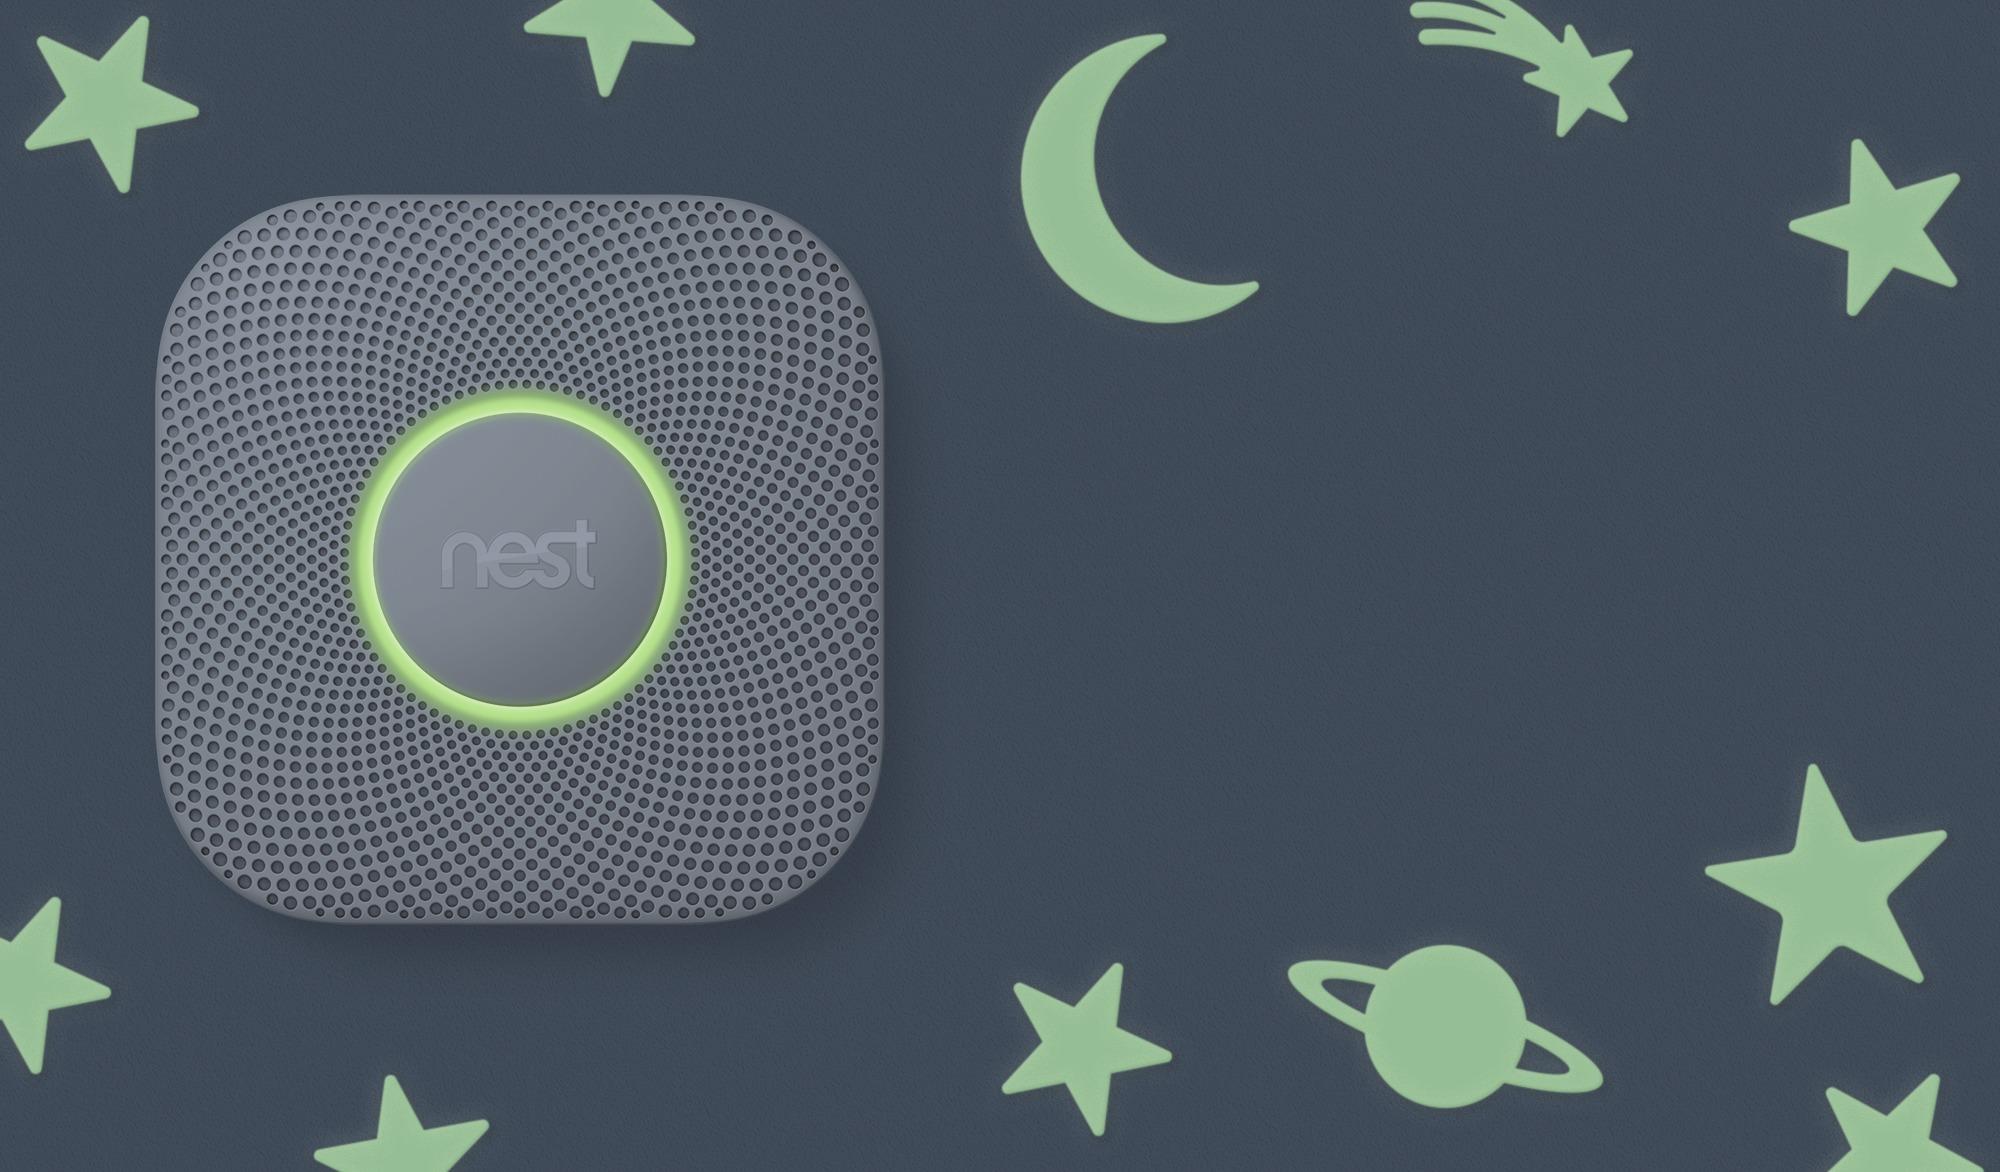 Nest er en smart røykvarsler.